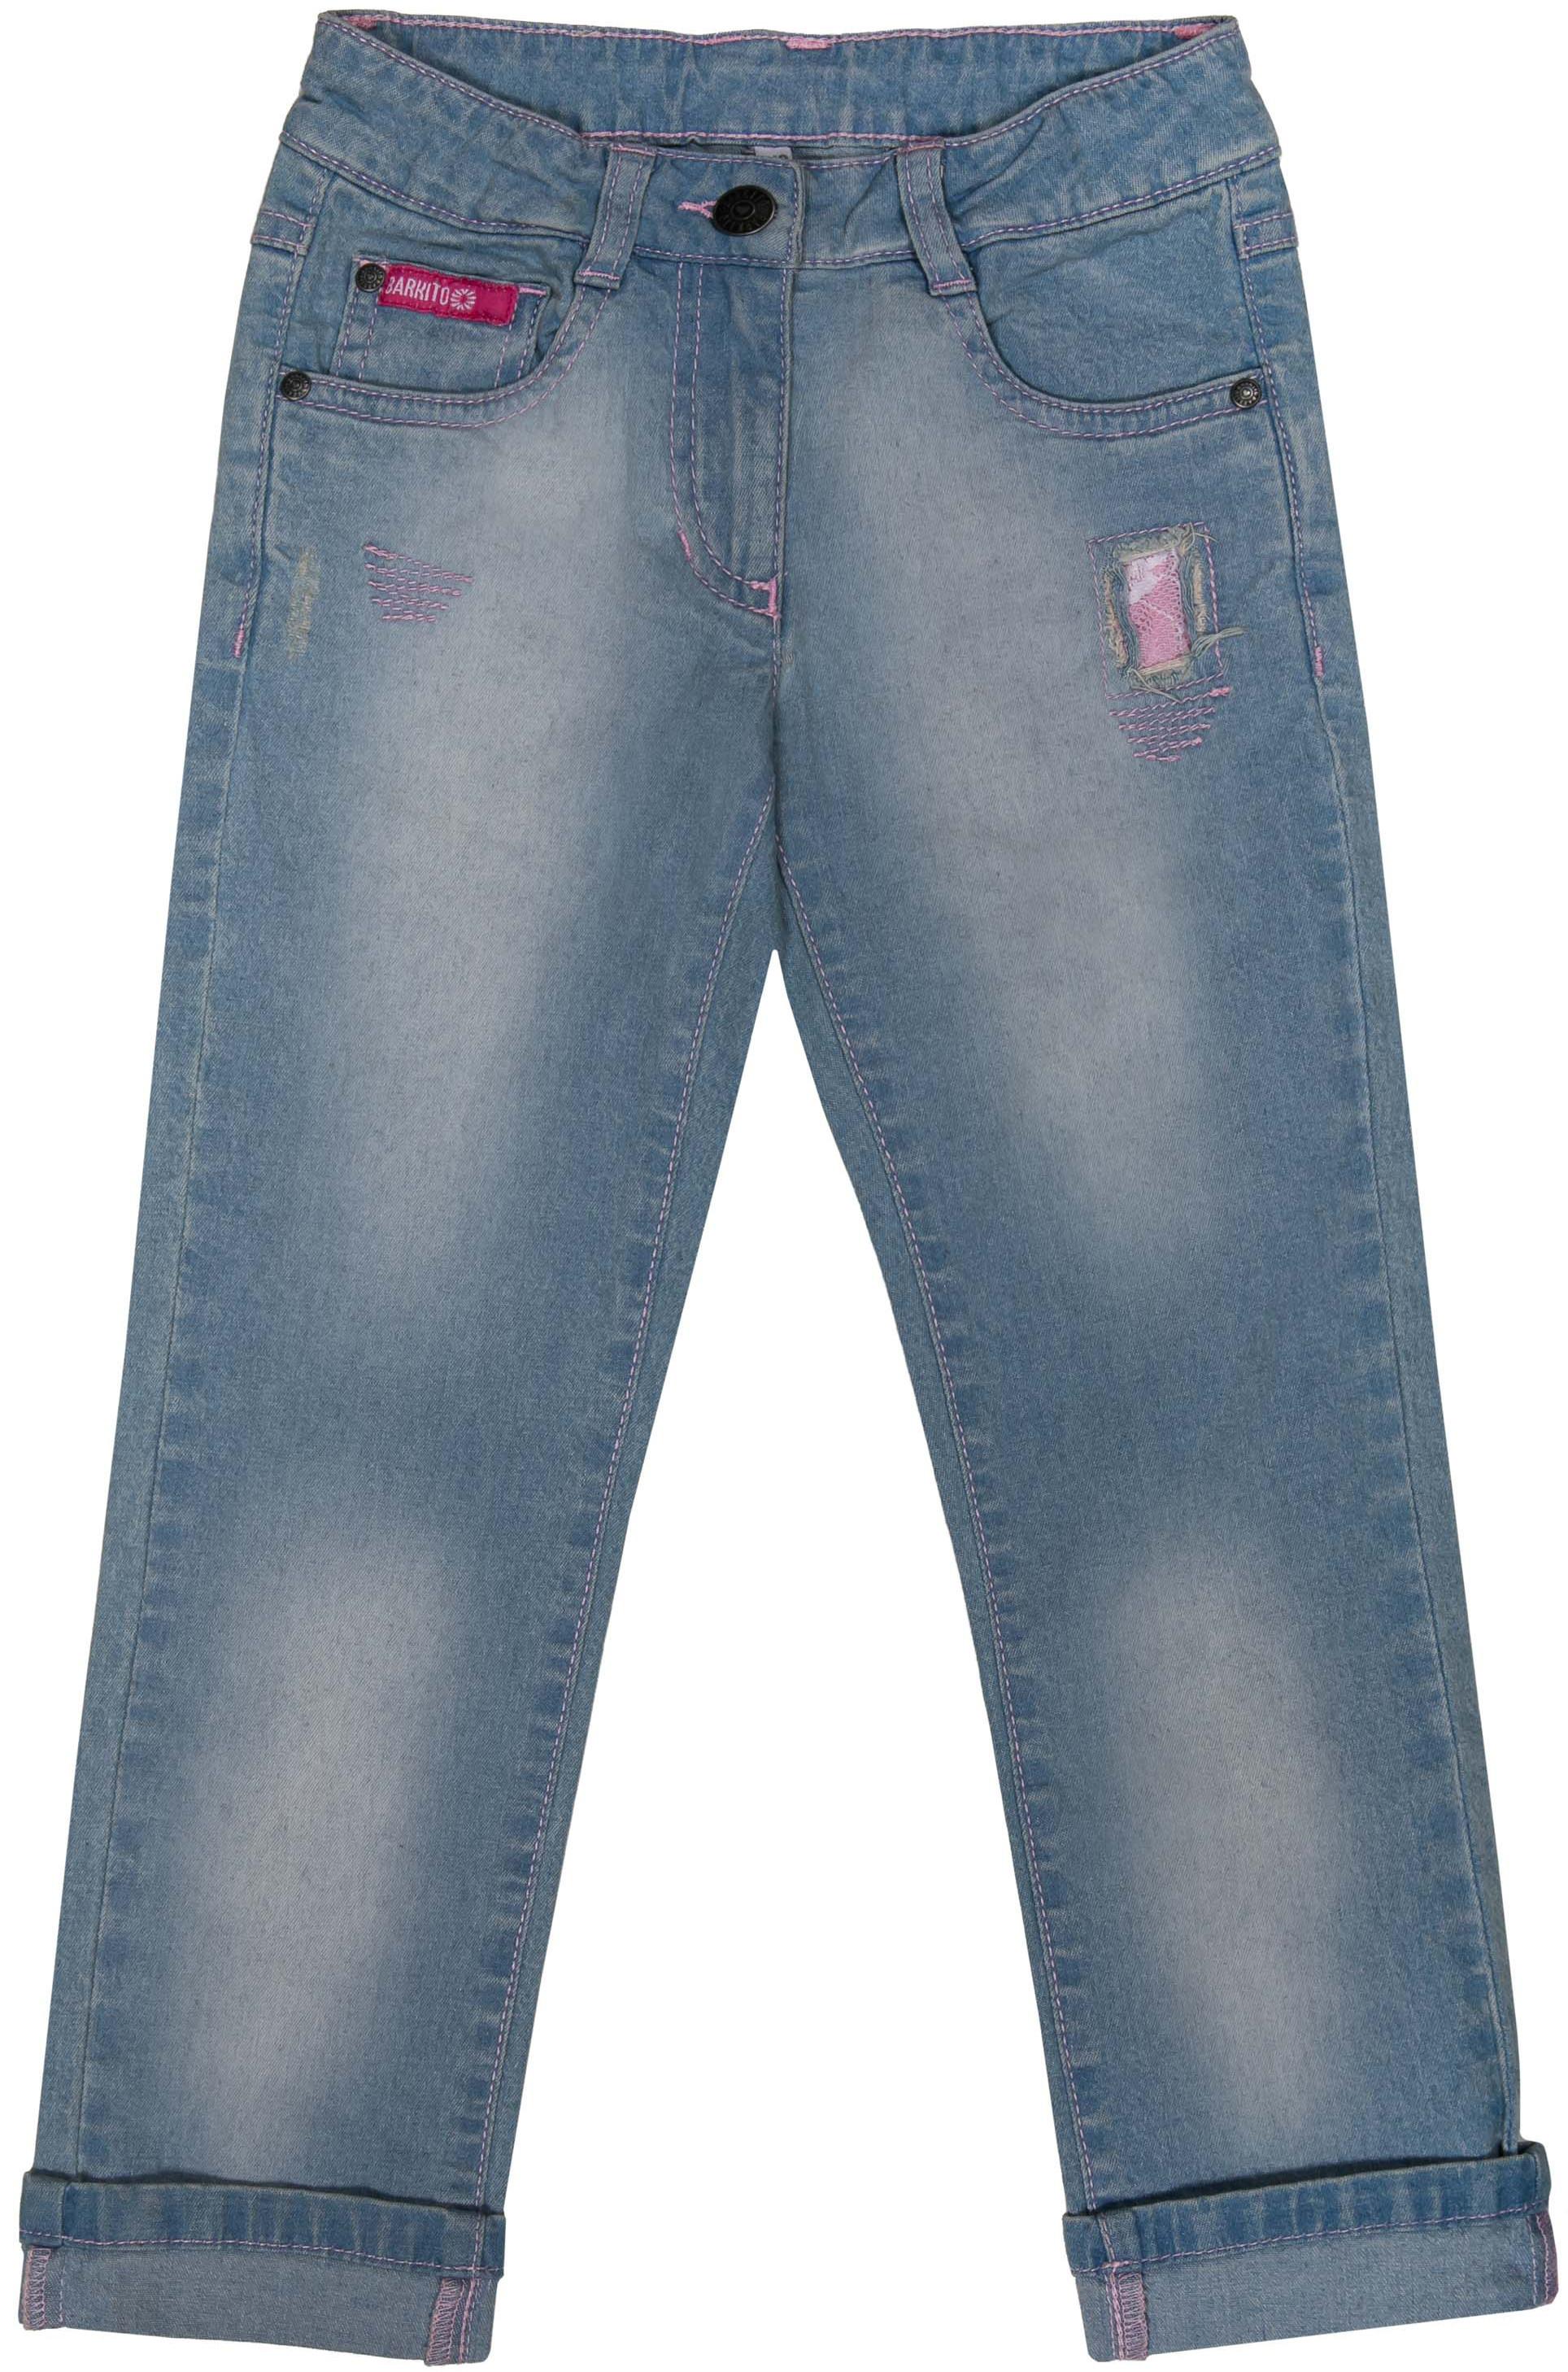 Джинсы Barkito Брюки модель Джинсы для девочки Barkito Деним, голубые джинсы